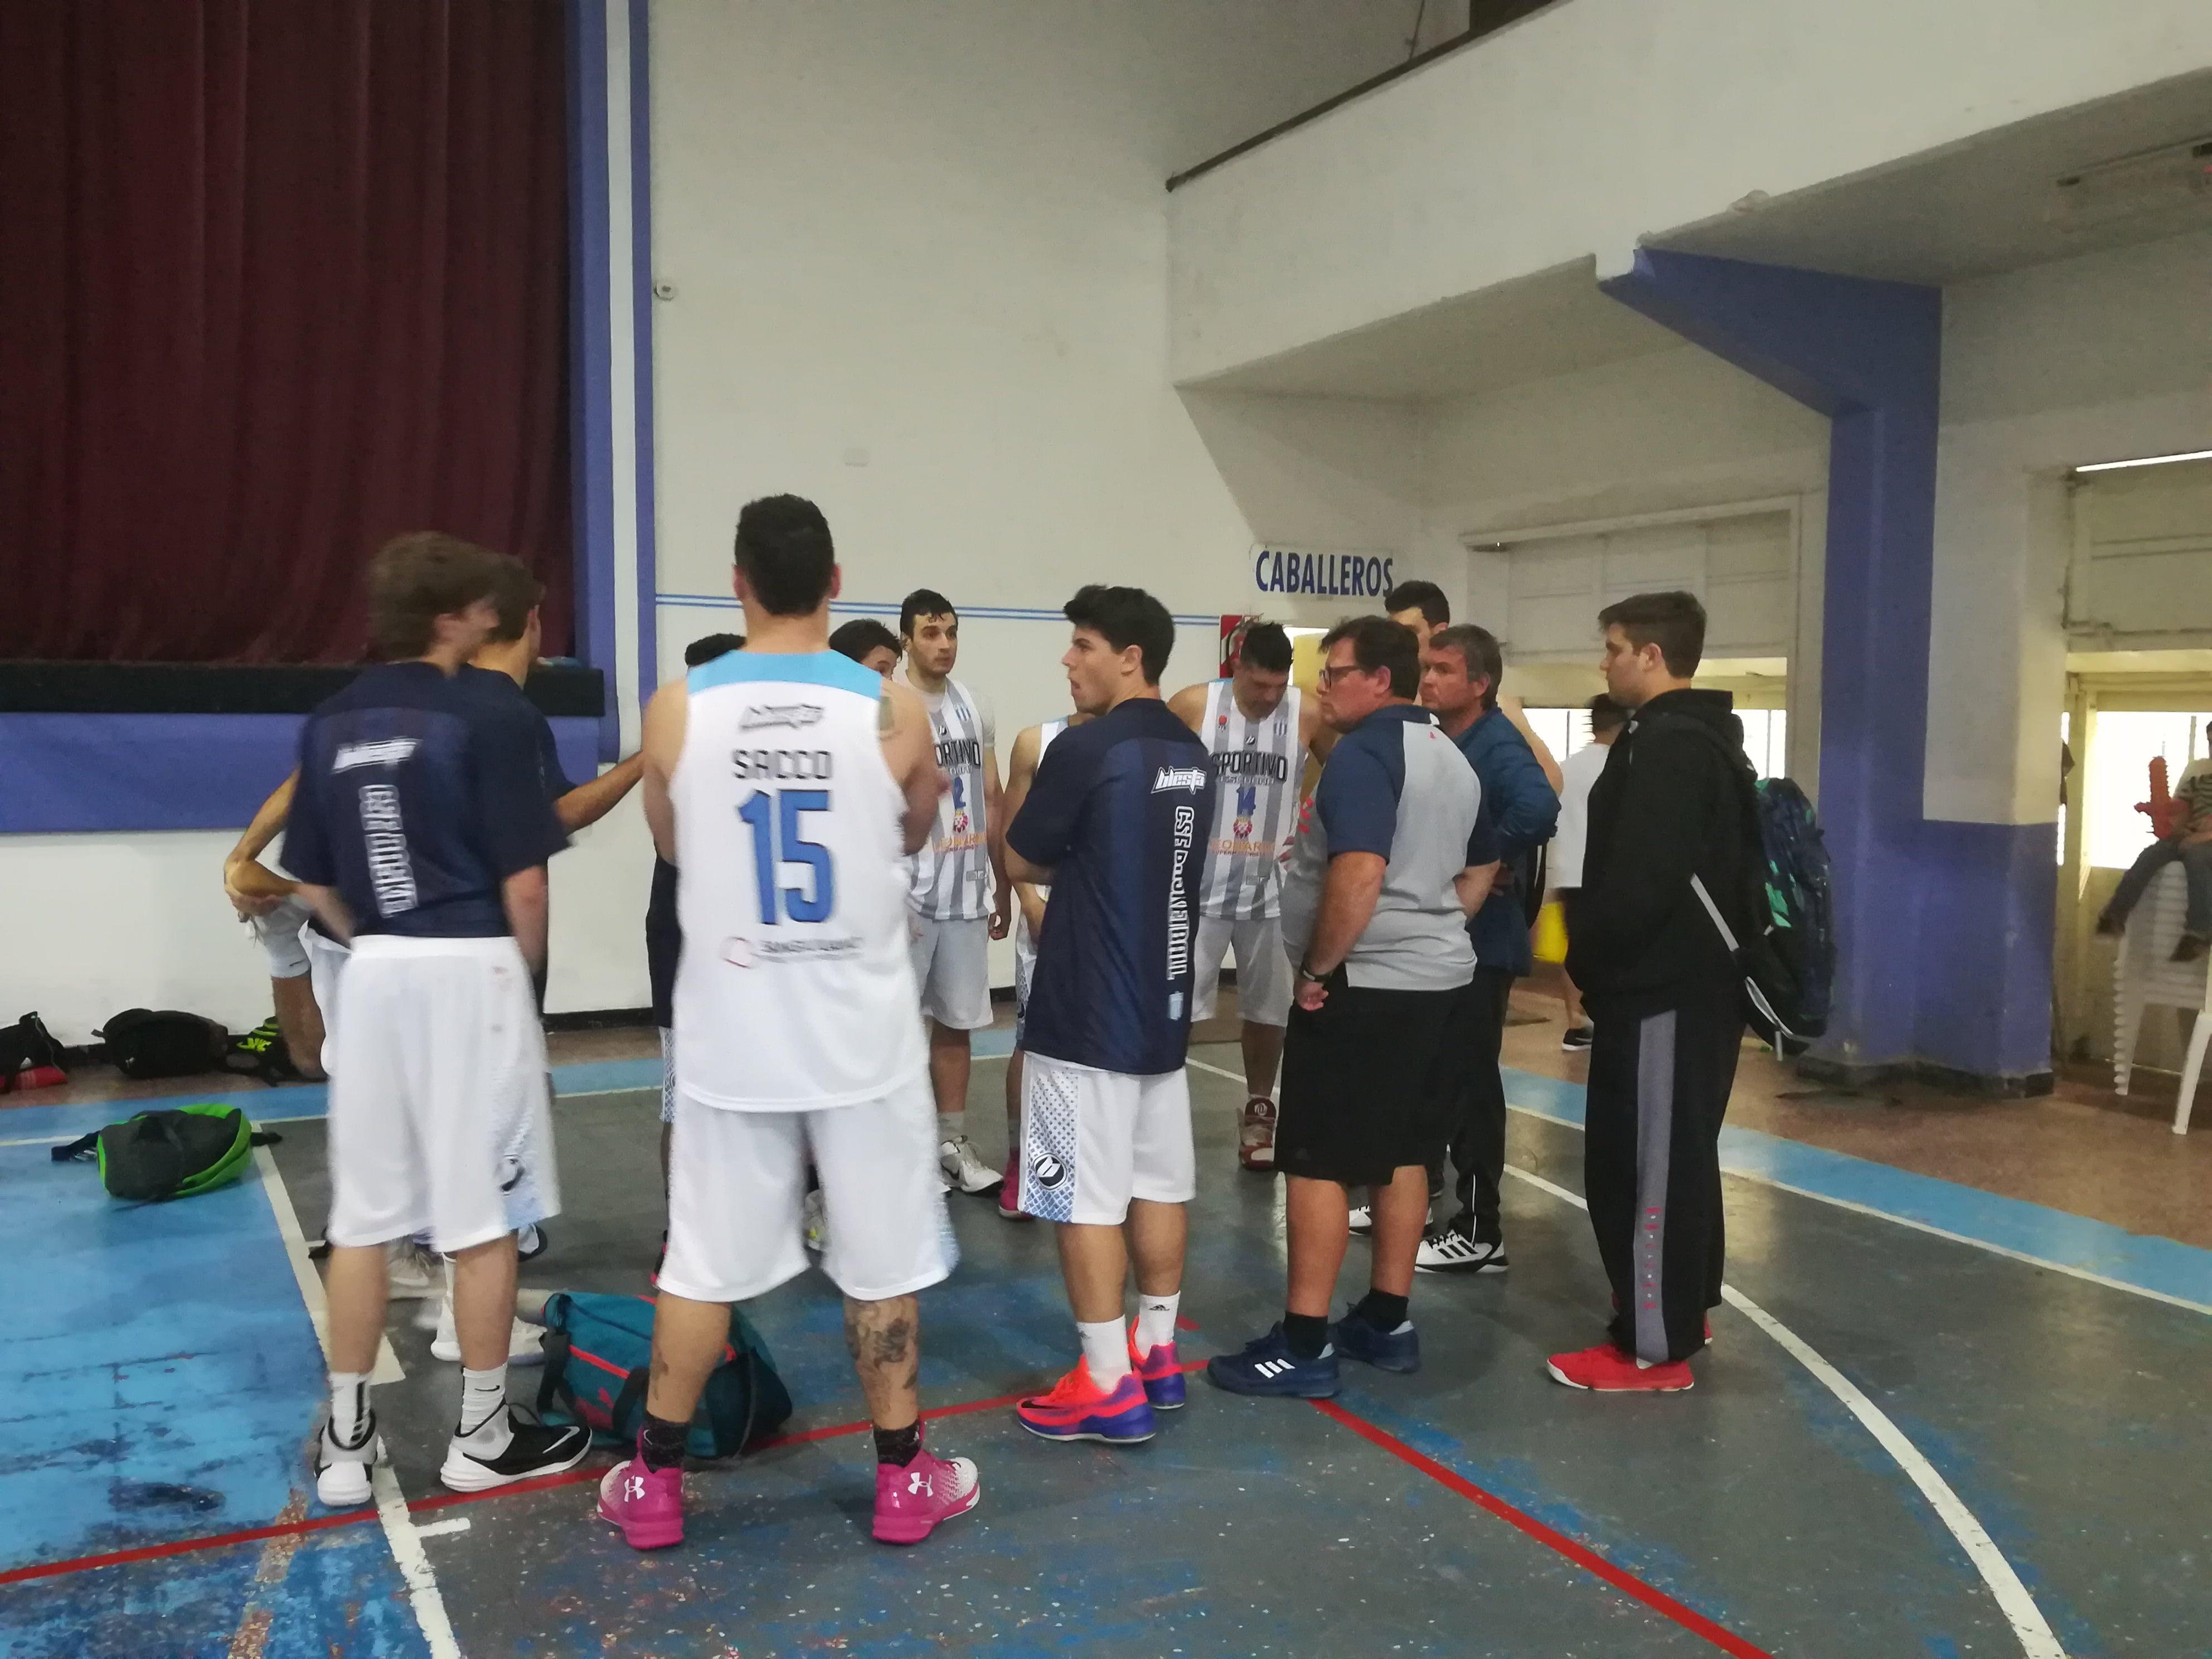 El plantel junto al entrenador Marcato analizan la actuación en el cuadrangular